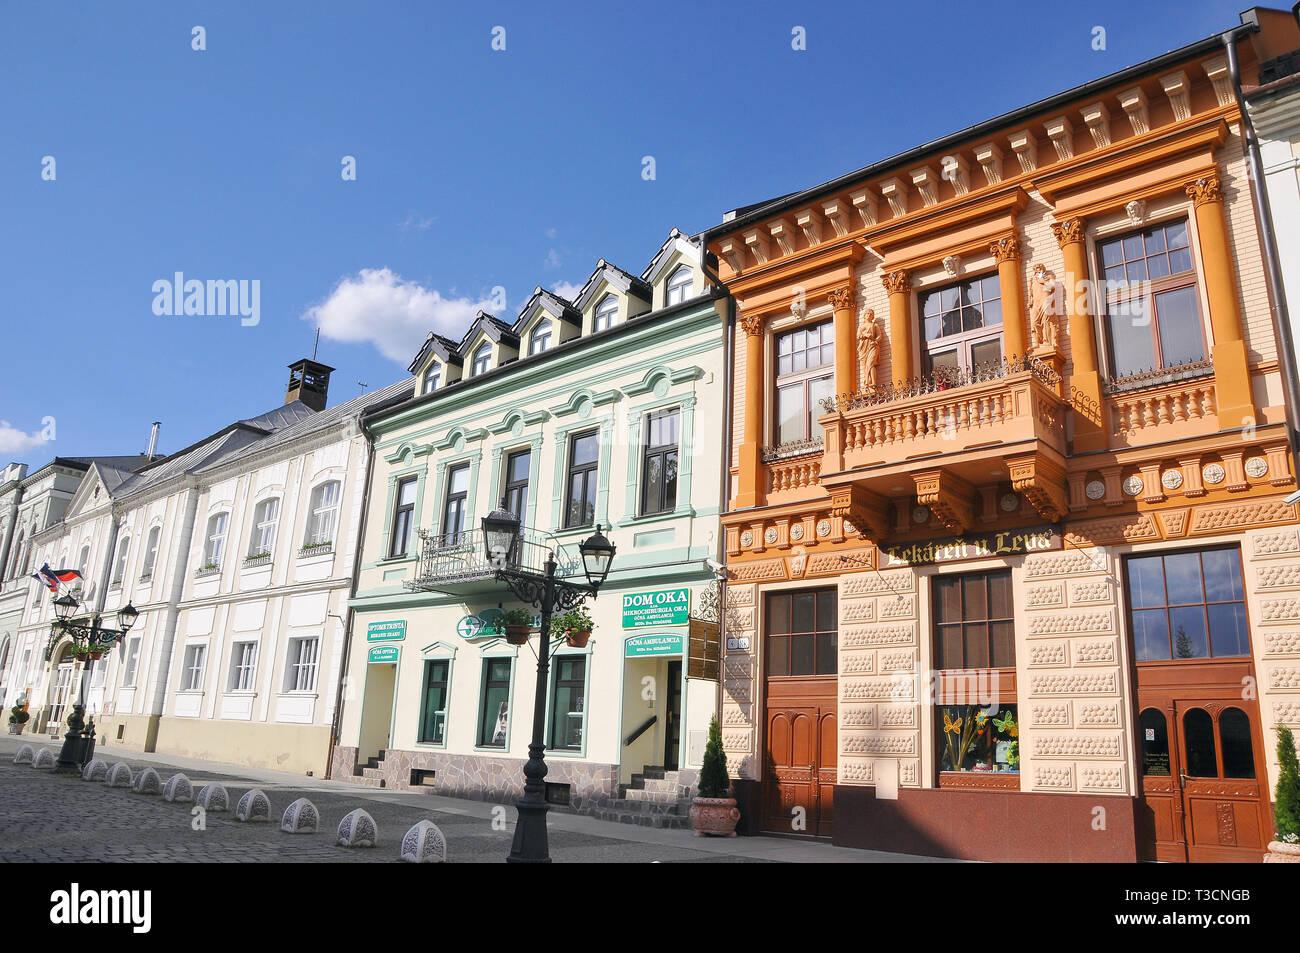 Building, Rimavská Sobota, Slovakia. Épület, Rimaszombat, Szlovákia. - Stock Image